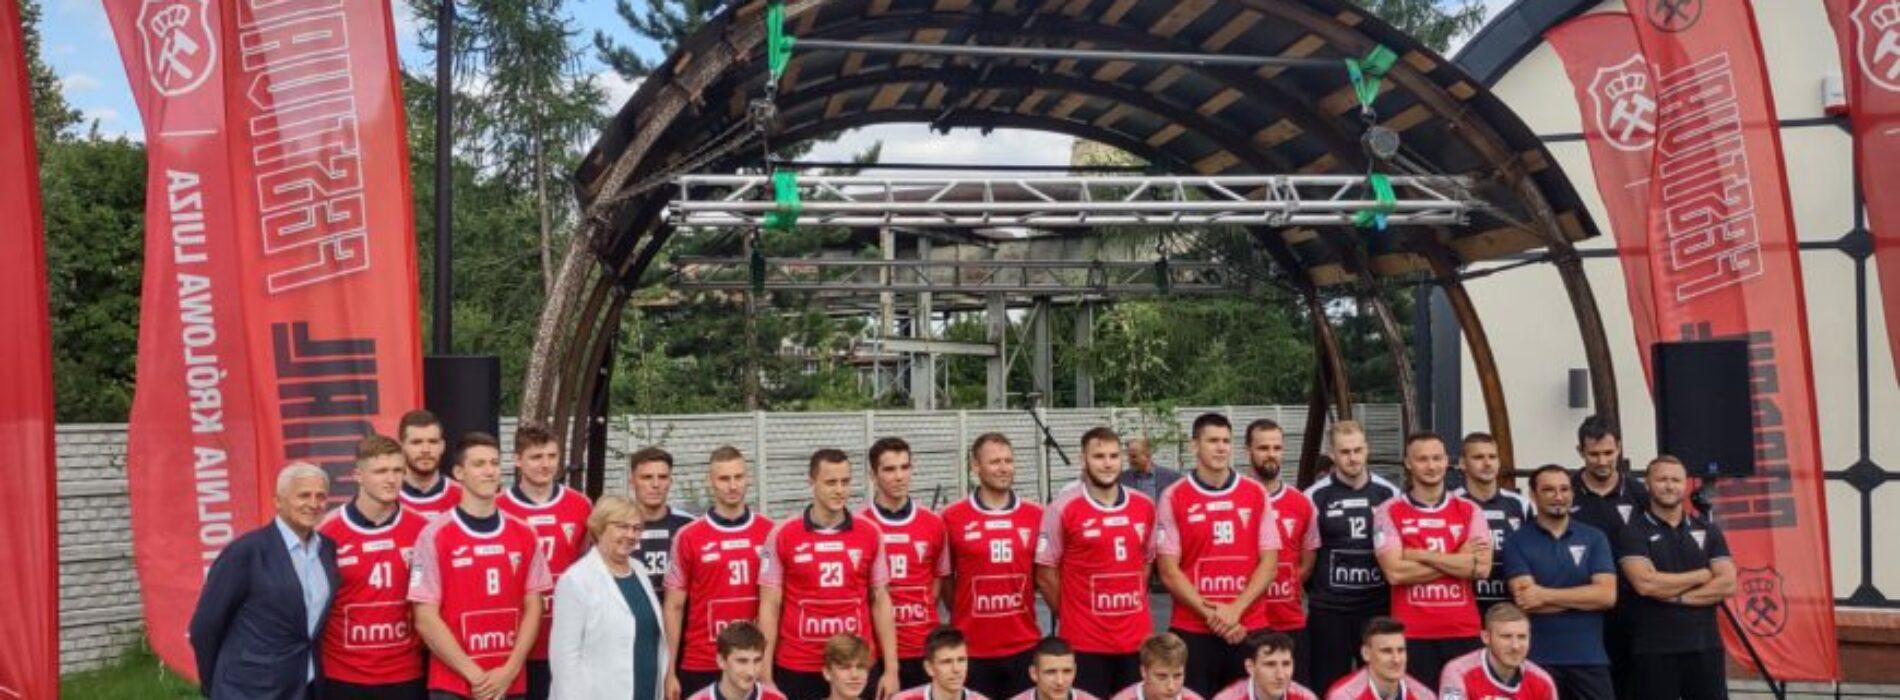 Szczypiorniści Górnika Zabrze zaprezentowali aktualny skład drużyny